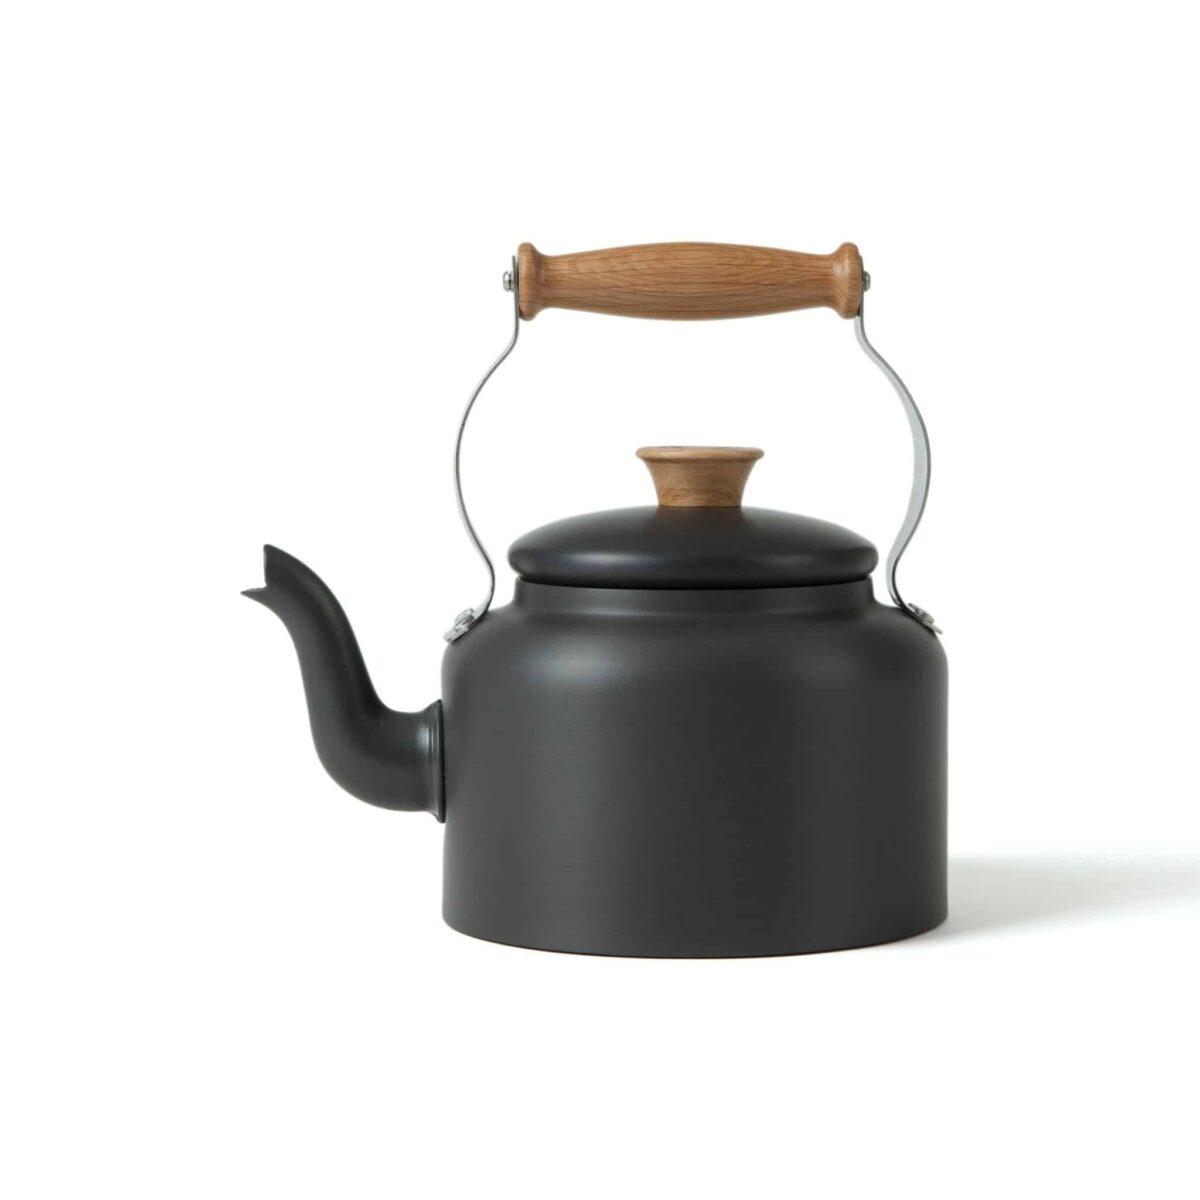 Netherton-kettle-castiron-001